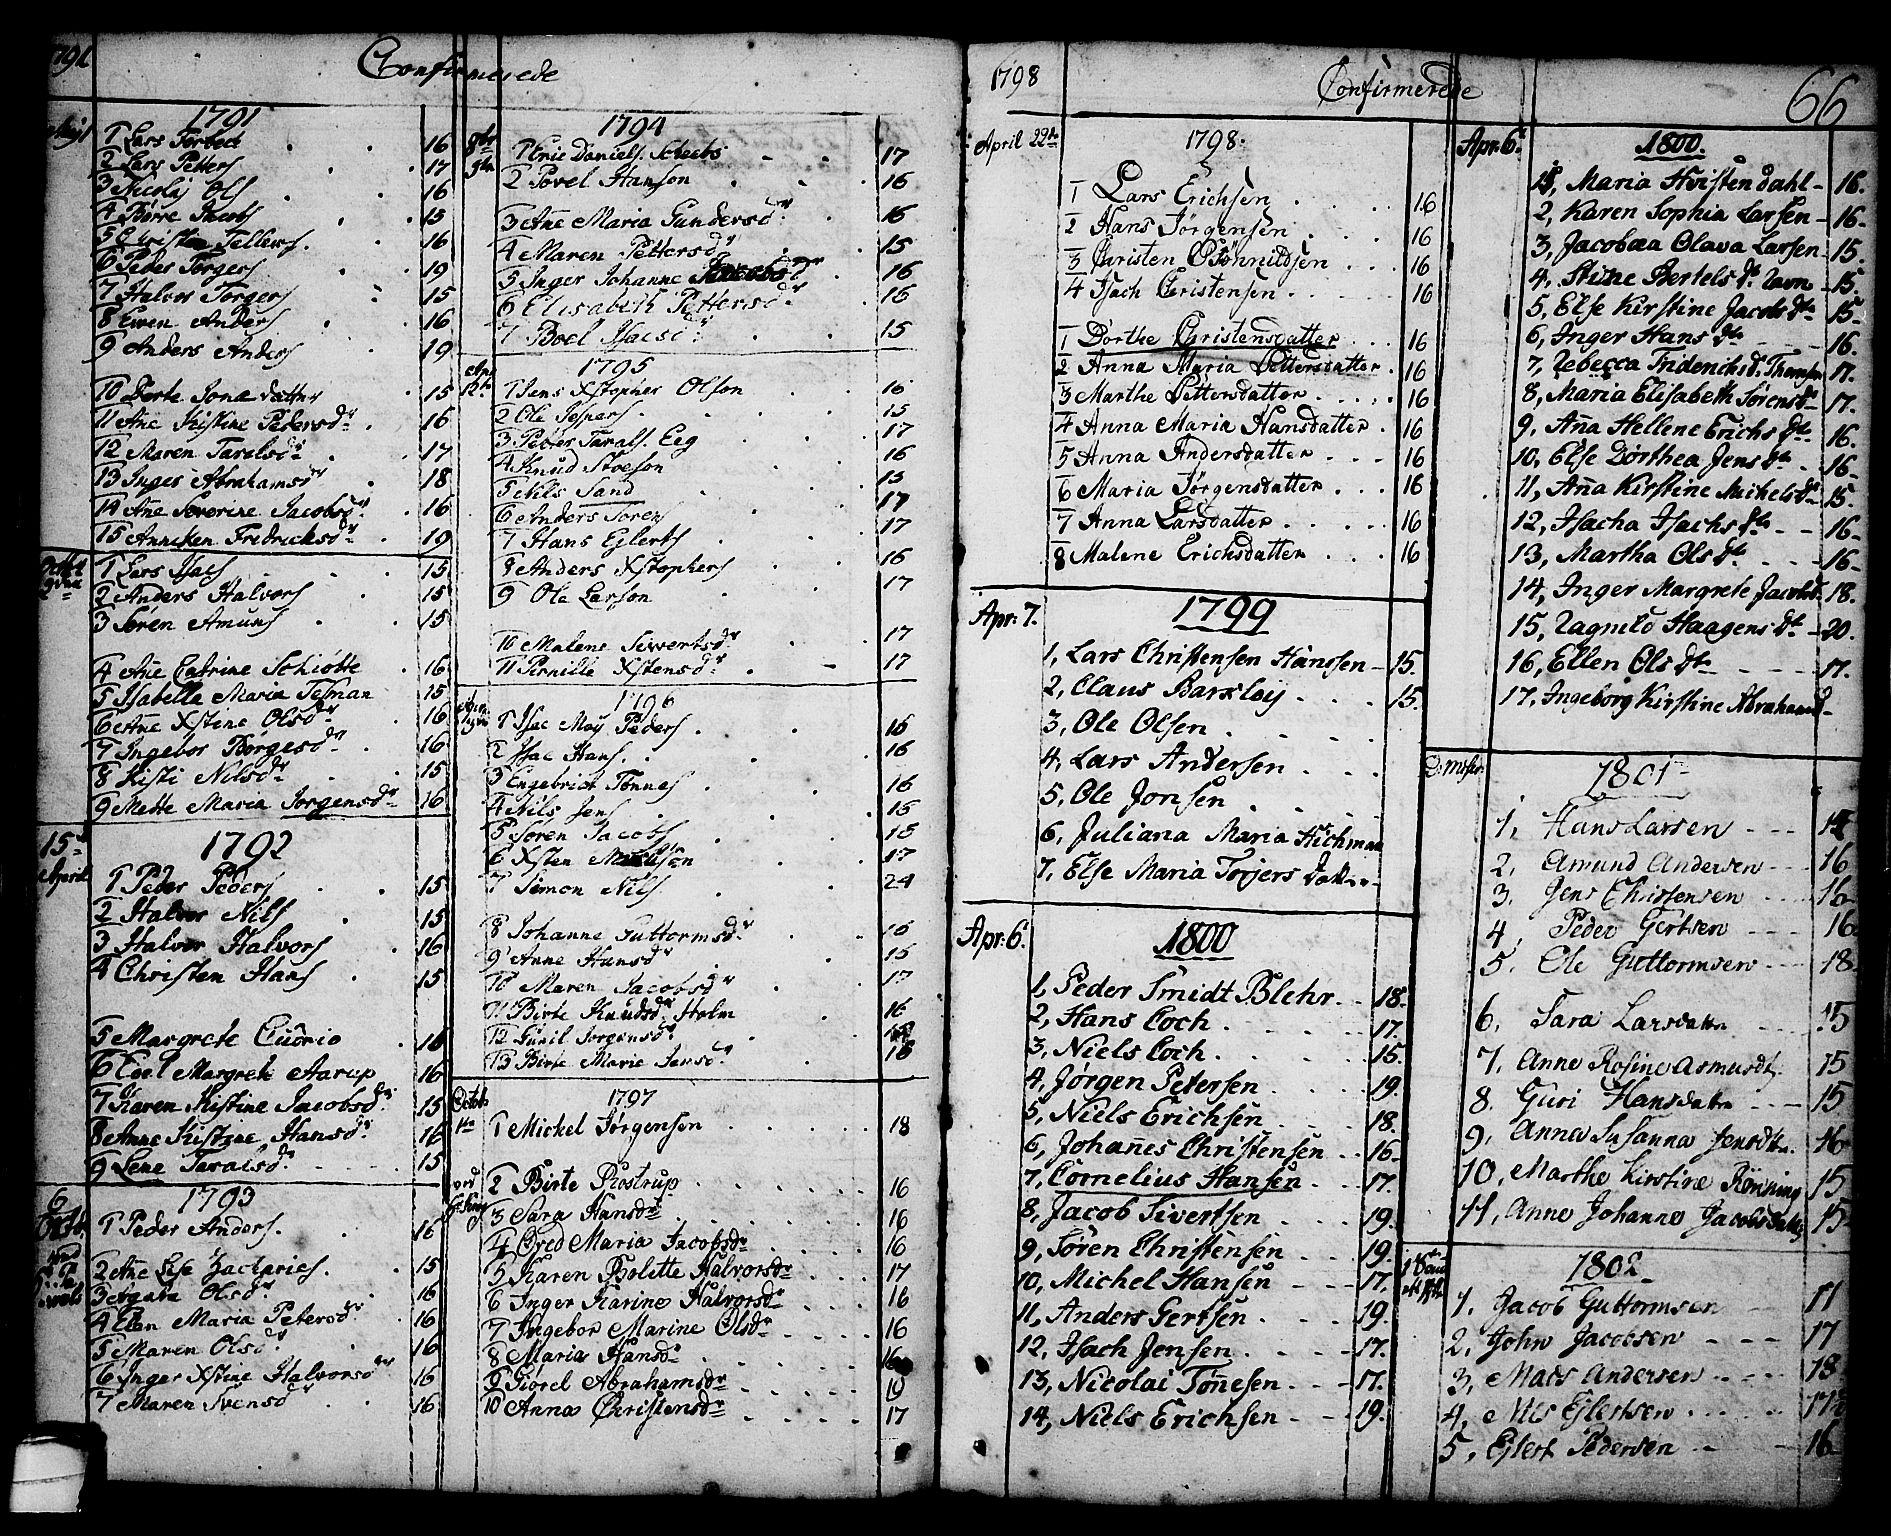 SAKO, Brevik kirkebøker, F/Fa/L0003: Ministerialbok nr. 3, 1764-1814, s. 66